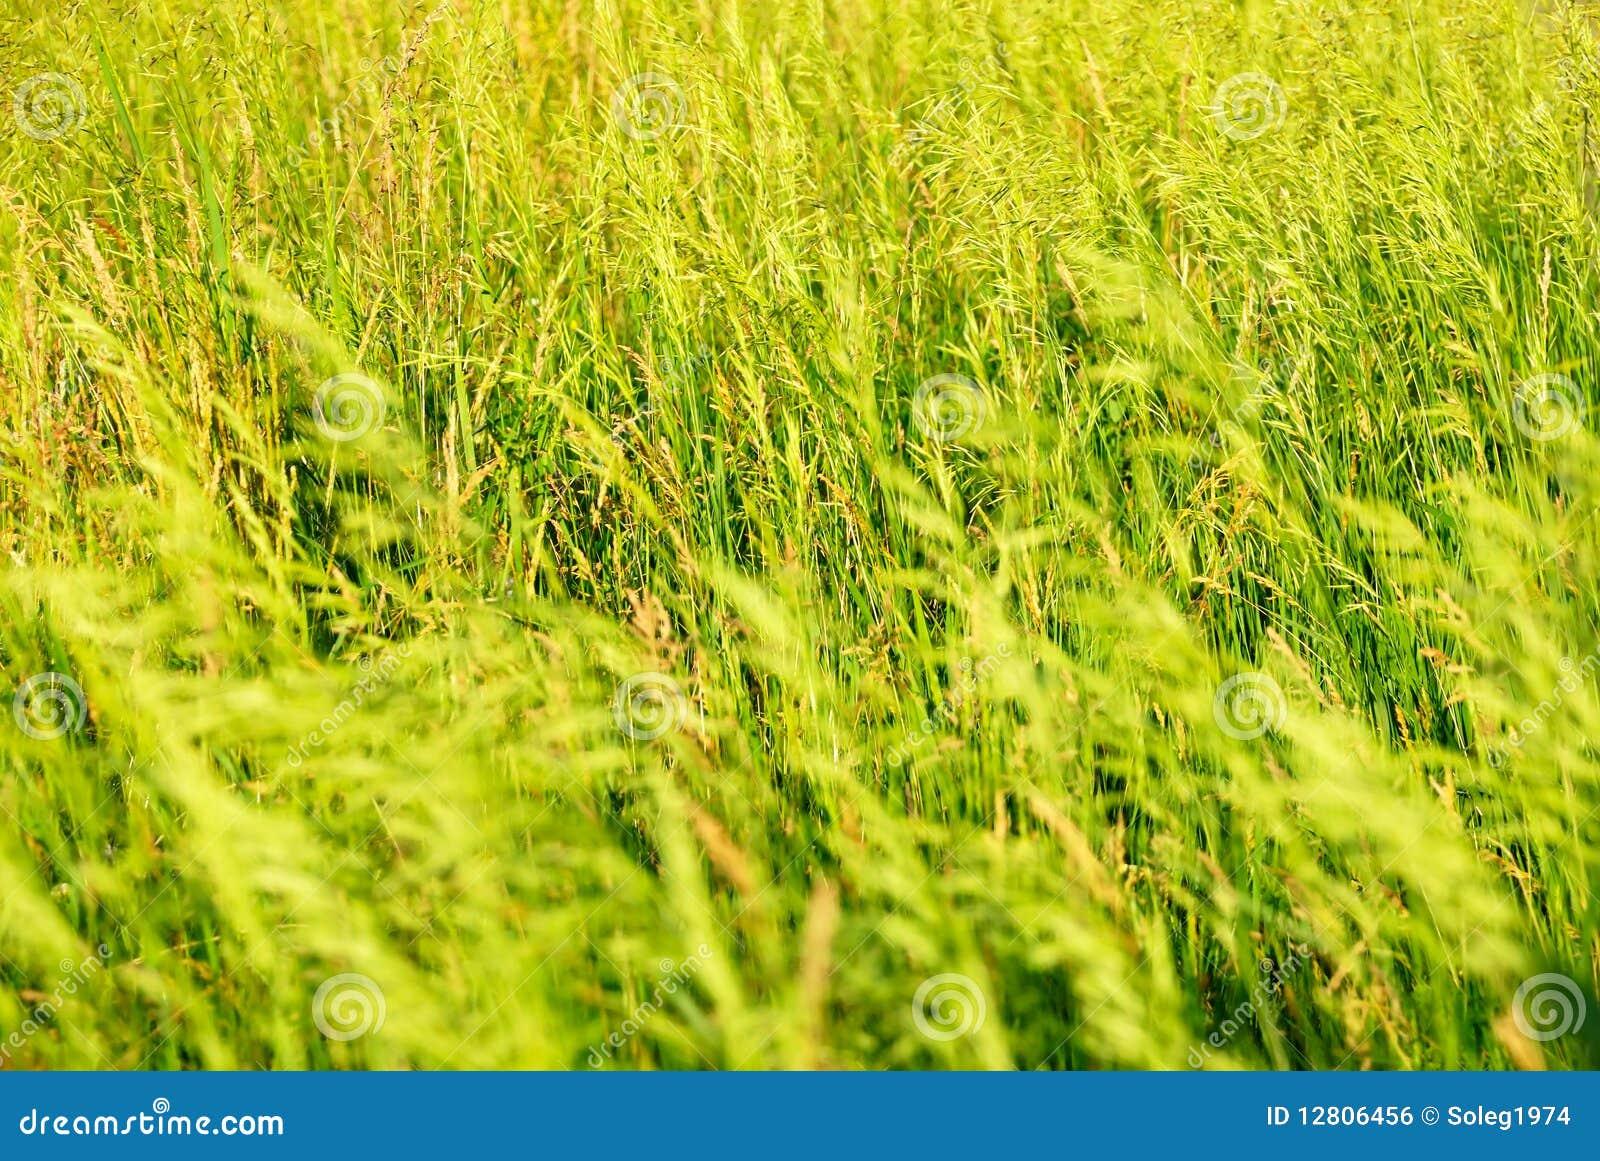 Fundo do verão de uma grama